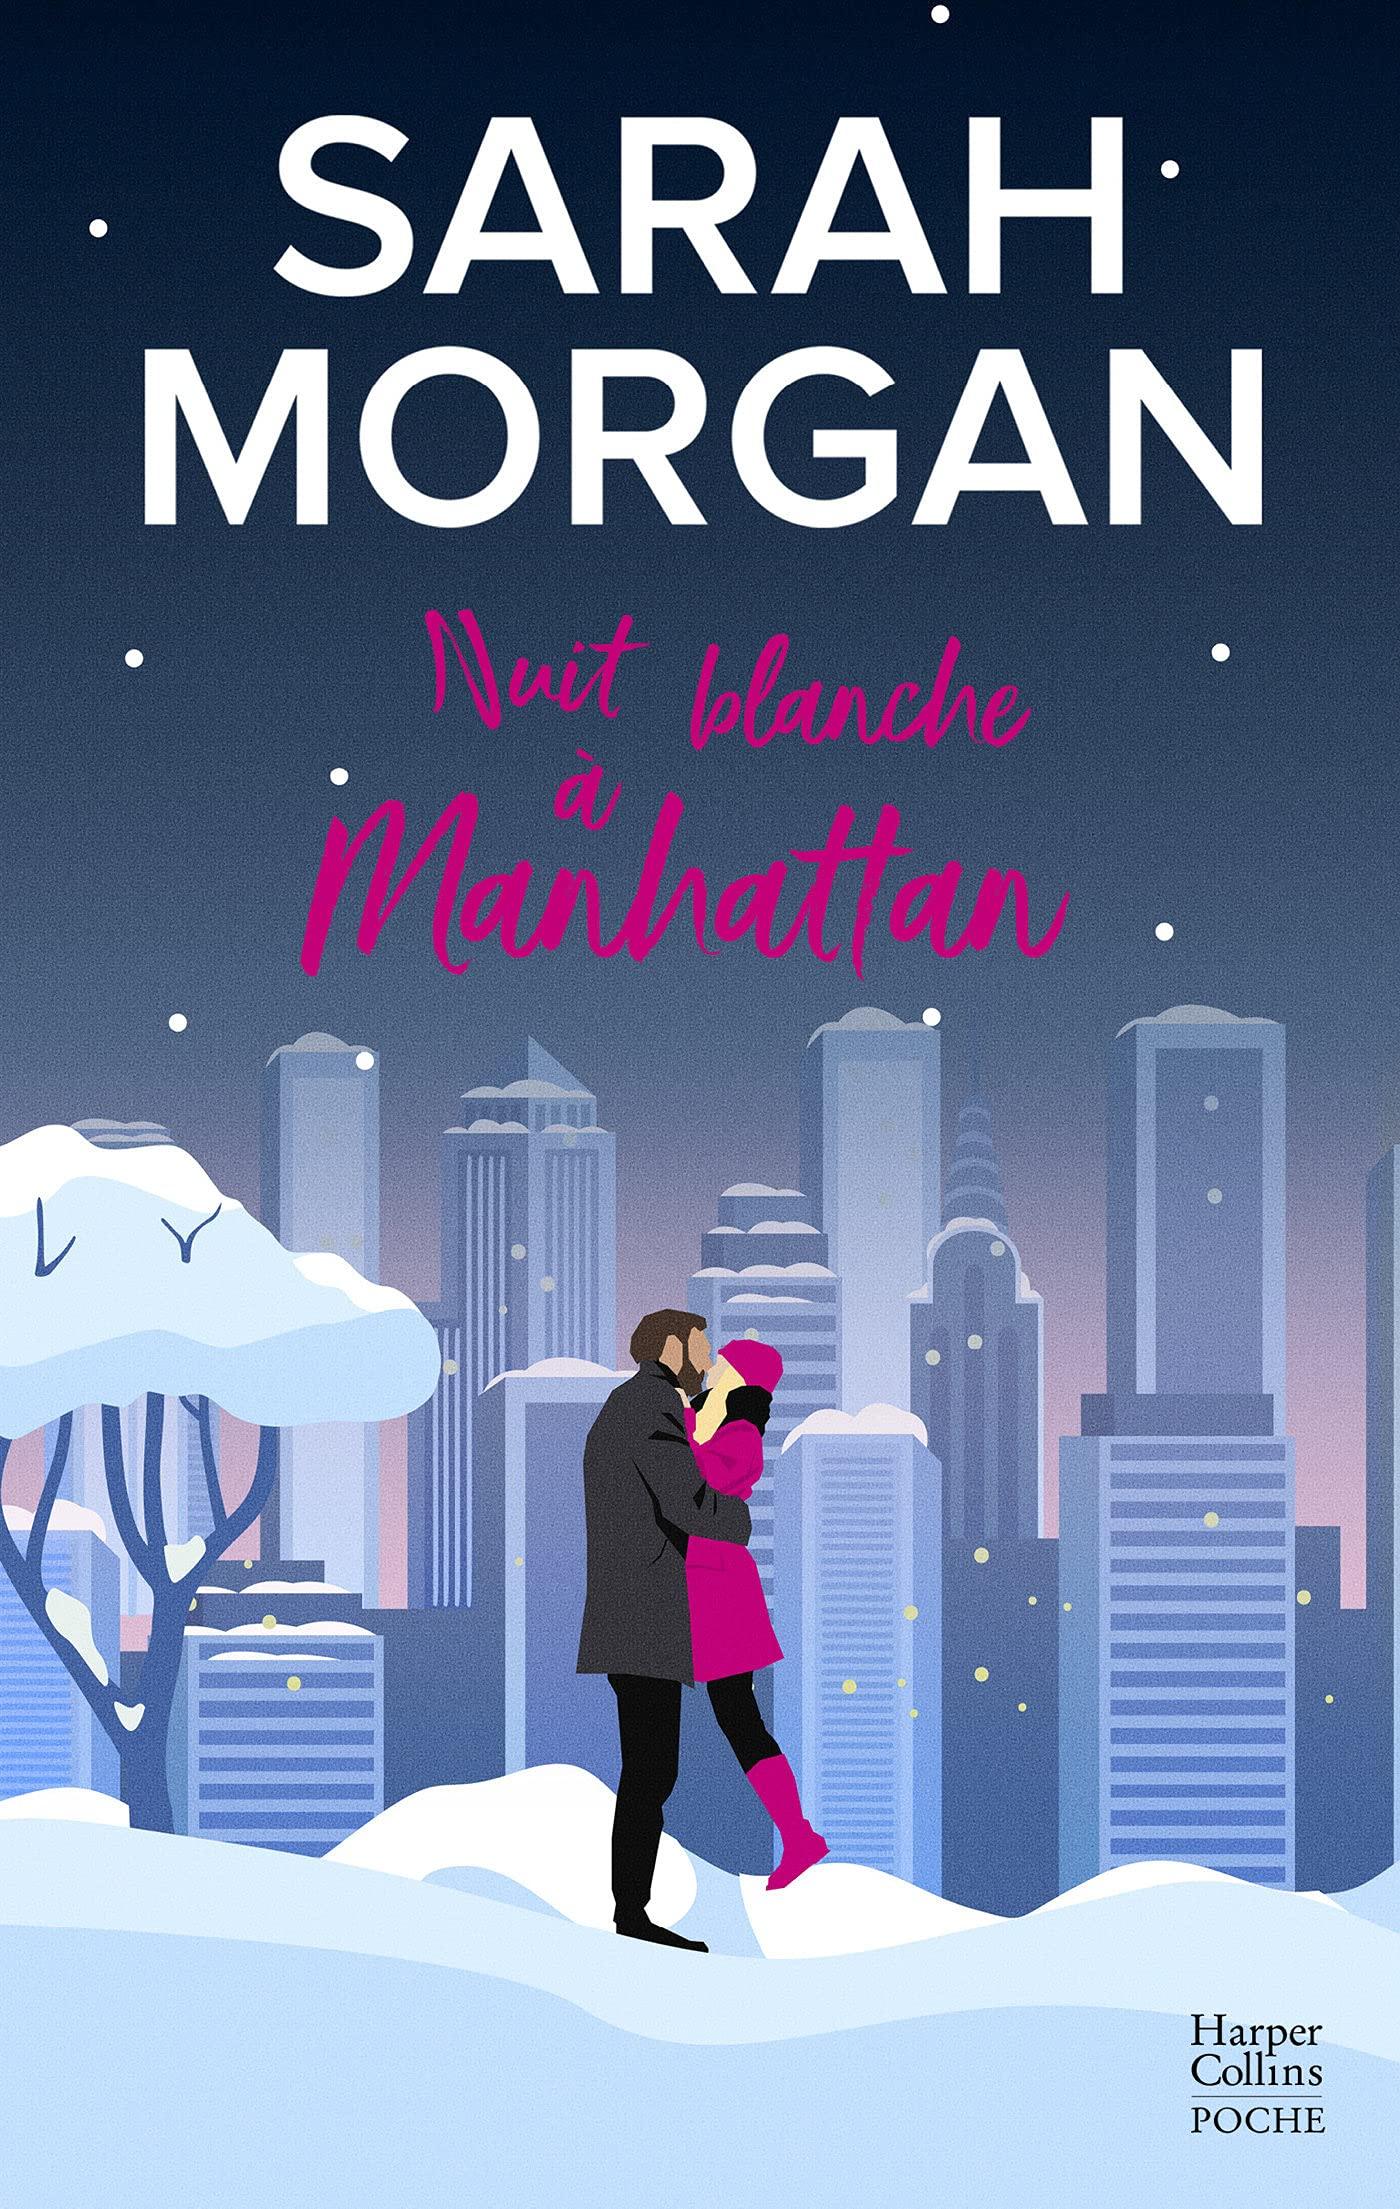 Les parutions en romance - Octobre 2021 81h+Mrj3s3L